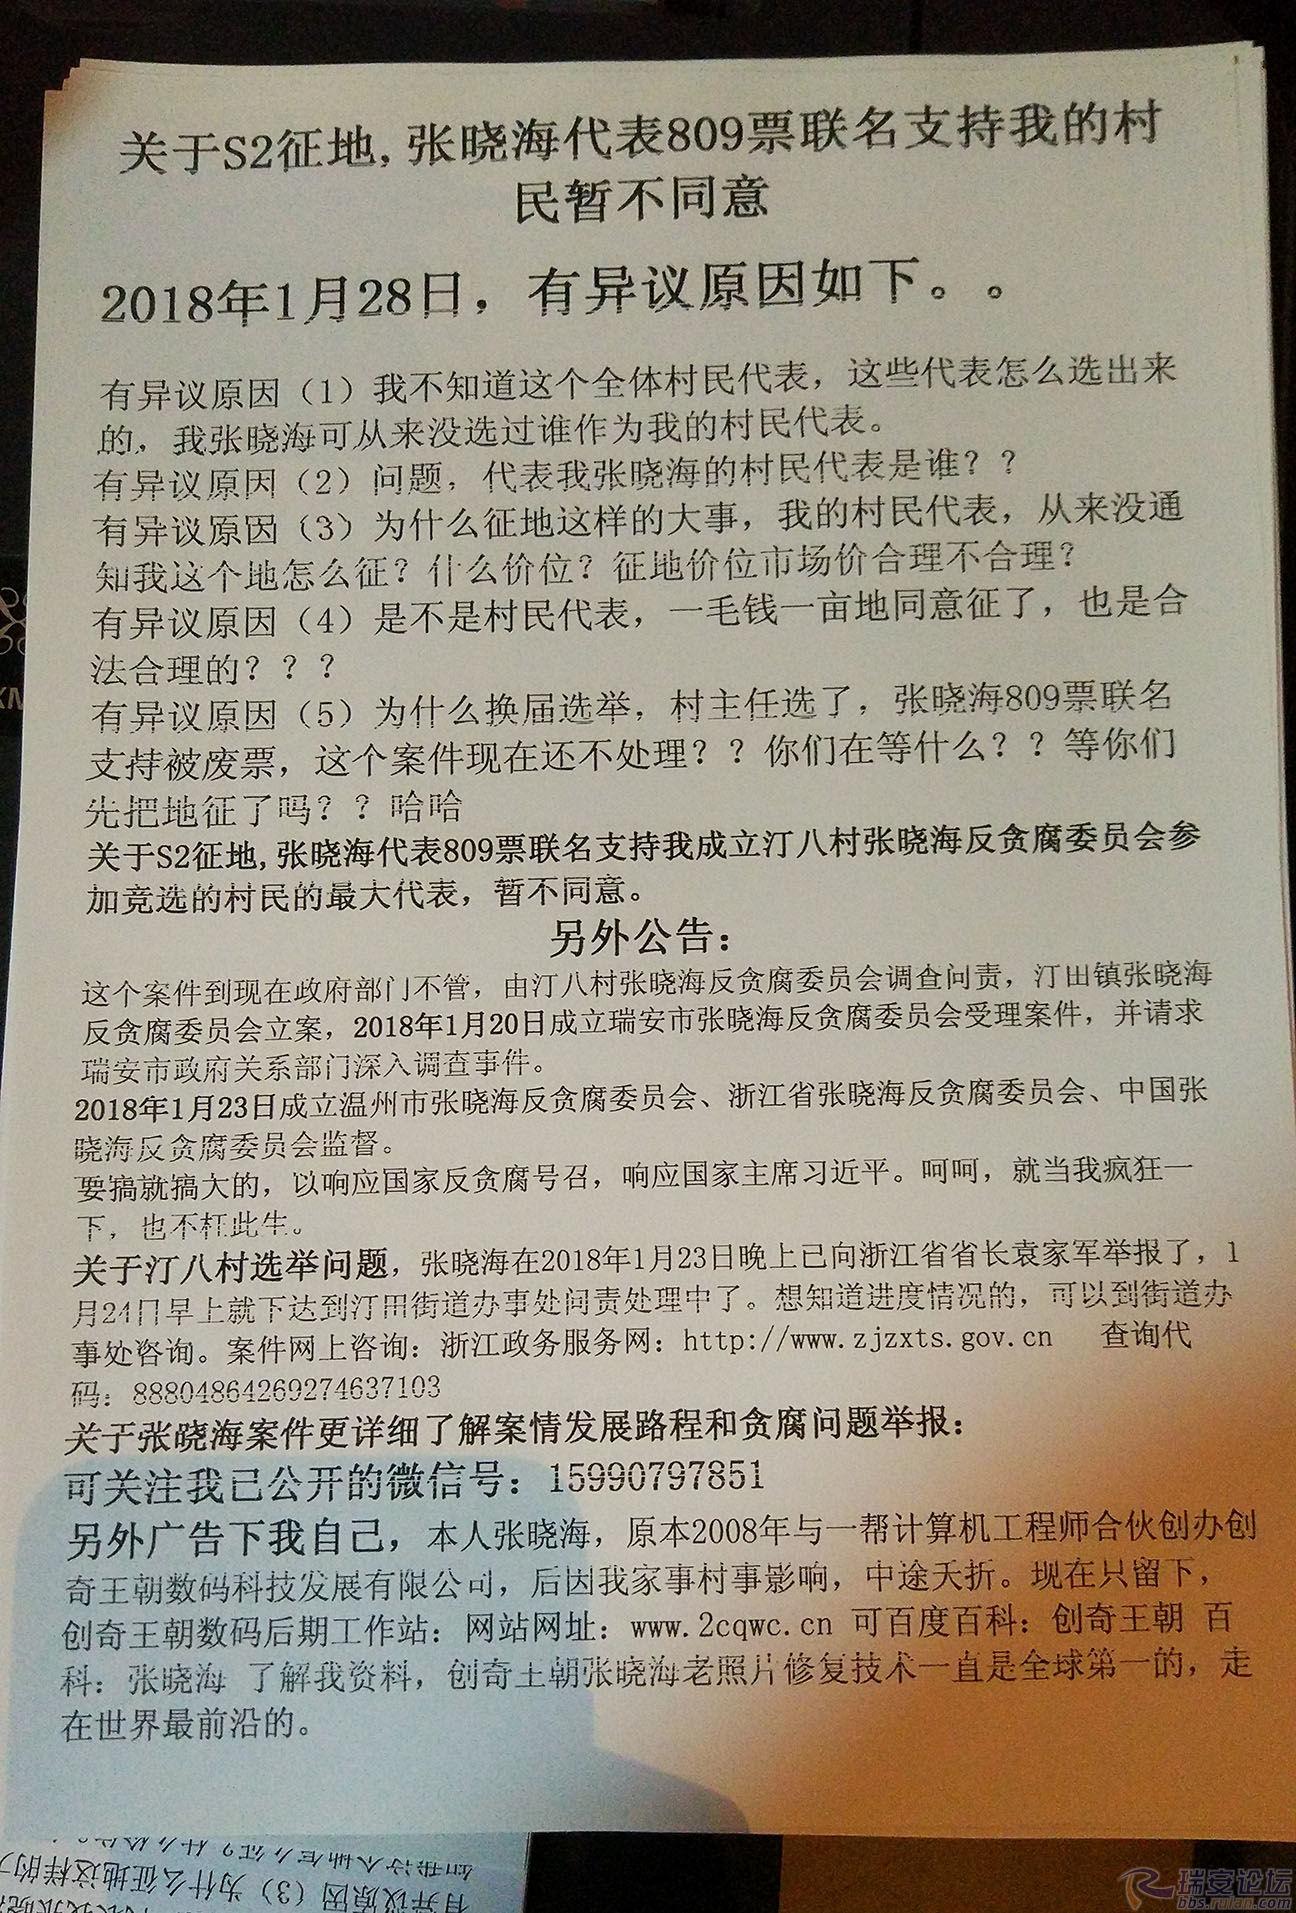 关于S2征地,张晓海代表联名支持我成立汀八村张晓海反贪腐委员会的村民的村民最大代表暂不支持